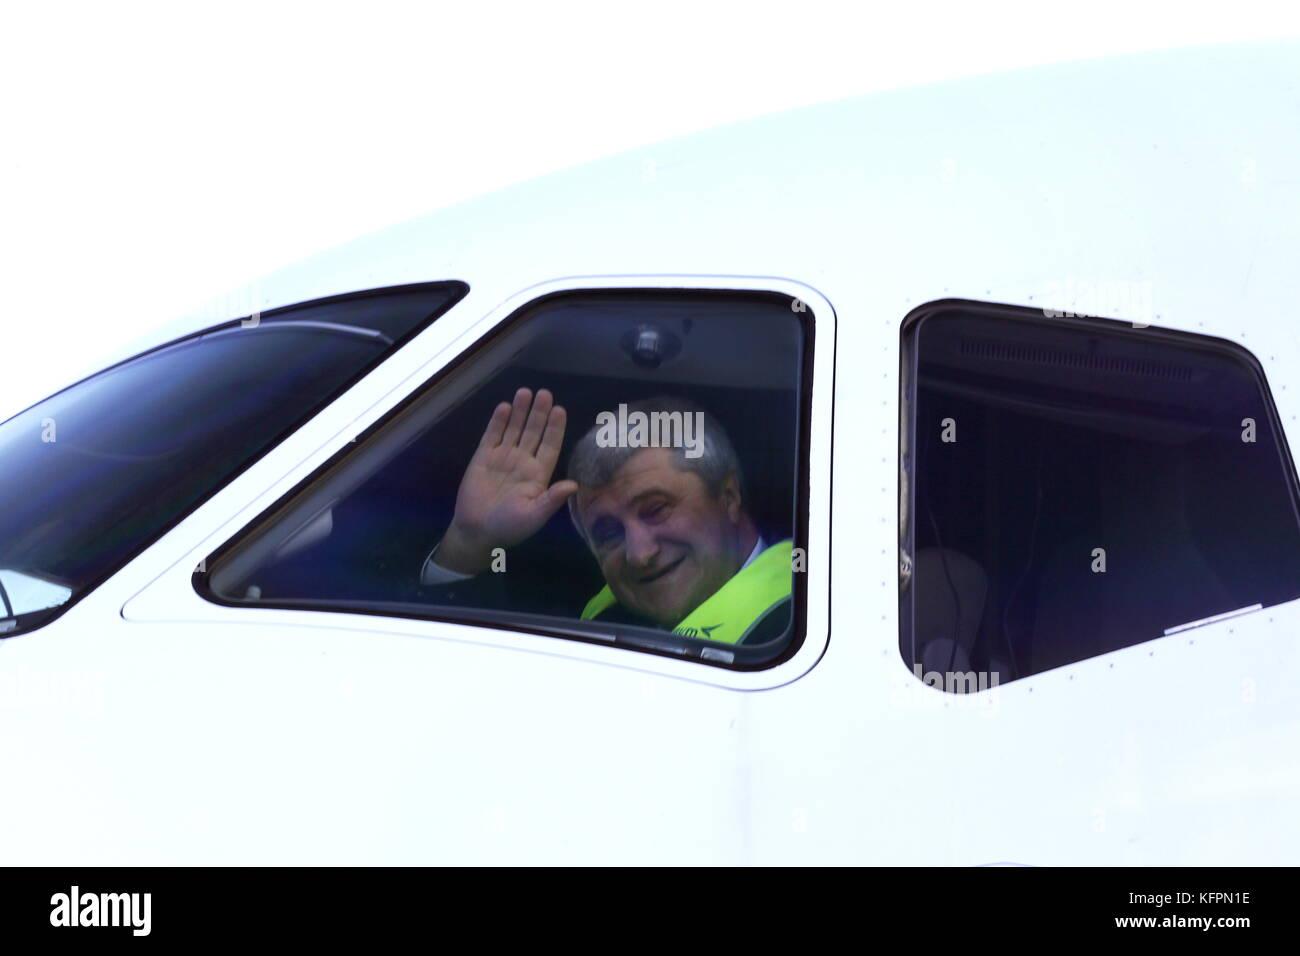 Rostov-sur-Don (Russie) - 31 octobre 2017: commandant de l'équipage de la compagnie aérienne azimut yuri deyev vu dans le cockpit d'un sukhoi superjet 100 (ssj-100) avion de passagers à l'avant d'un vol à l'aéroport de la ville. azimut est une compagnie aérienne de passagers pour le sud et le centre de la Russie; à partir de décembre 2017, il est de servir de nouveaux platov près de l'aéroport de Rostov-sur-don. valery matytsin/tass Banque D'Images